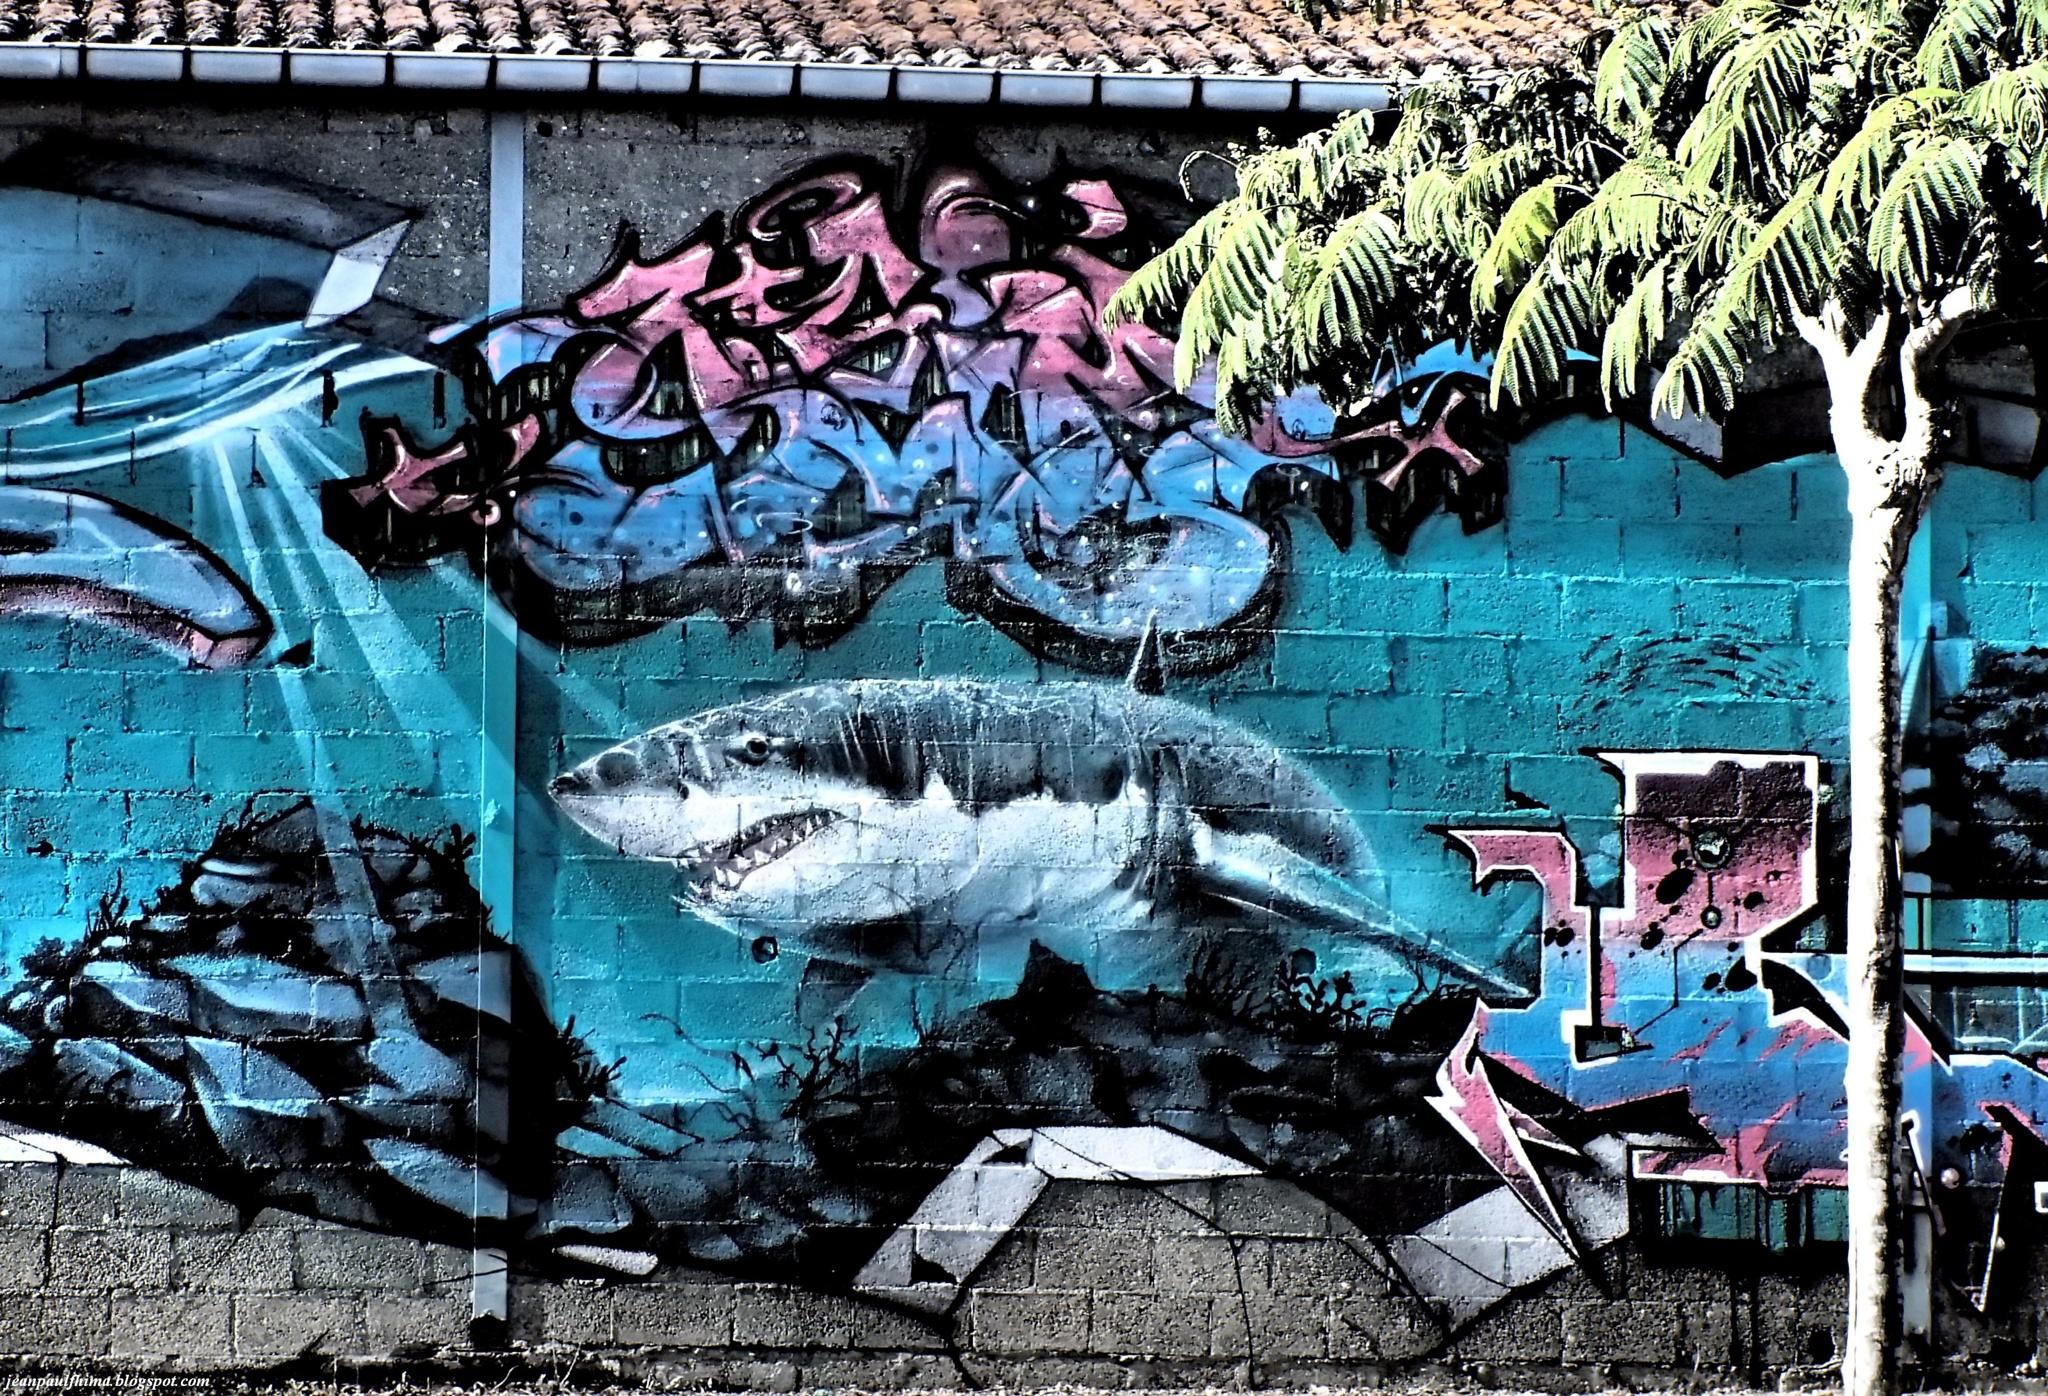 Mur 83 by Jean-Paul Fhima